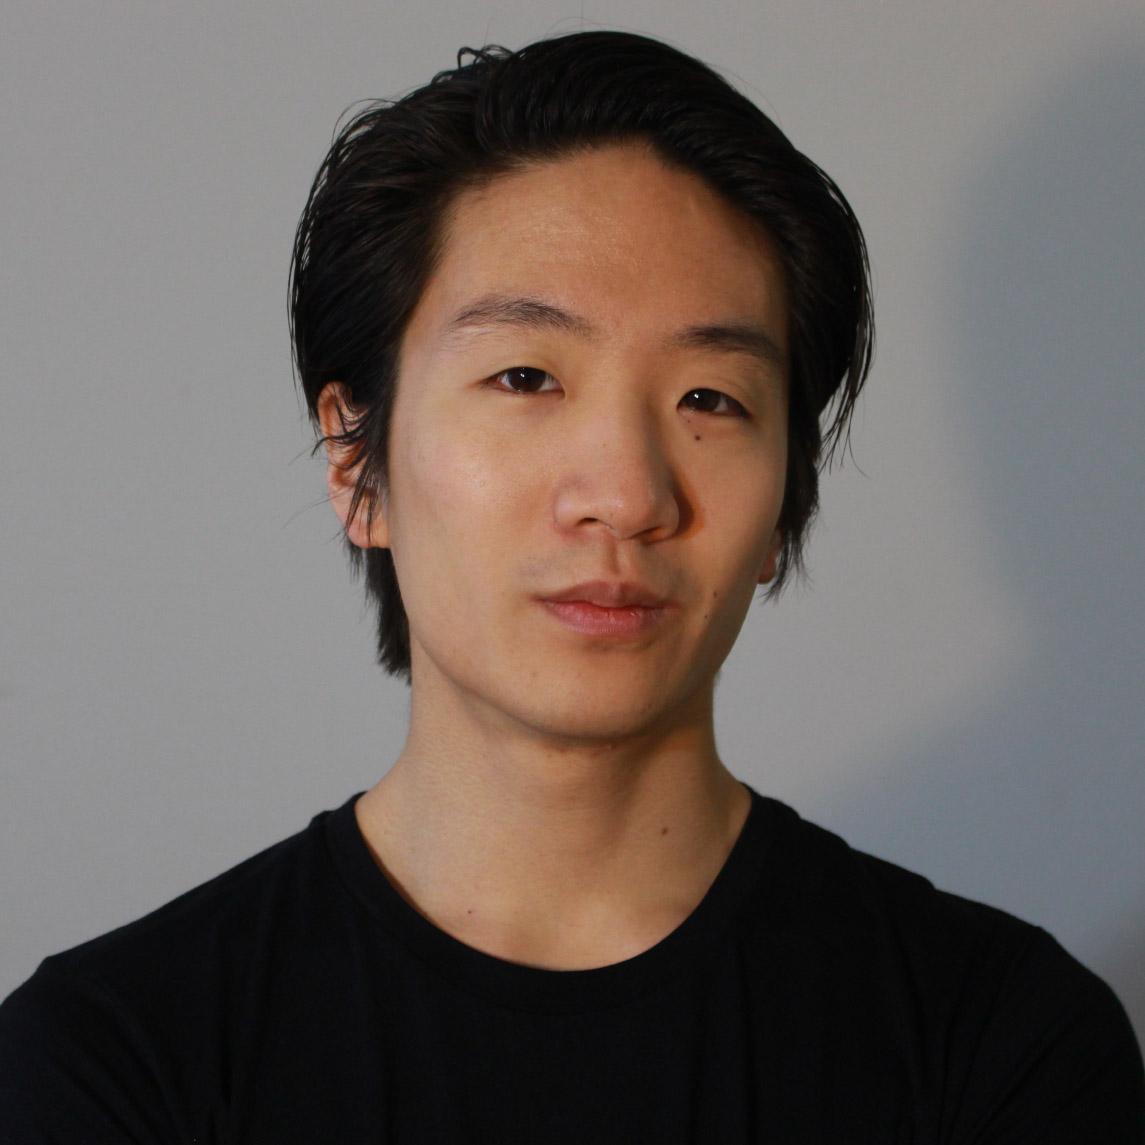 Brian S. Chung